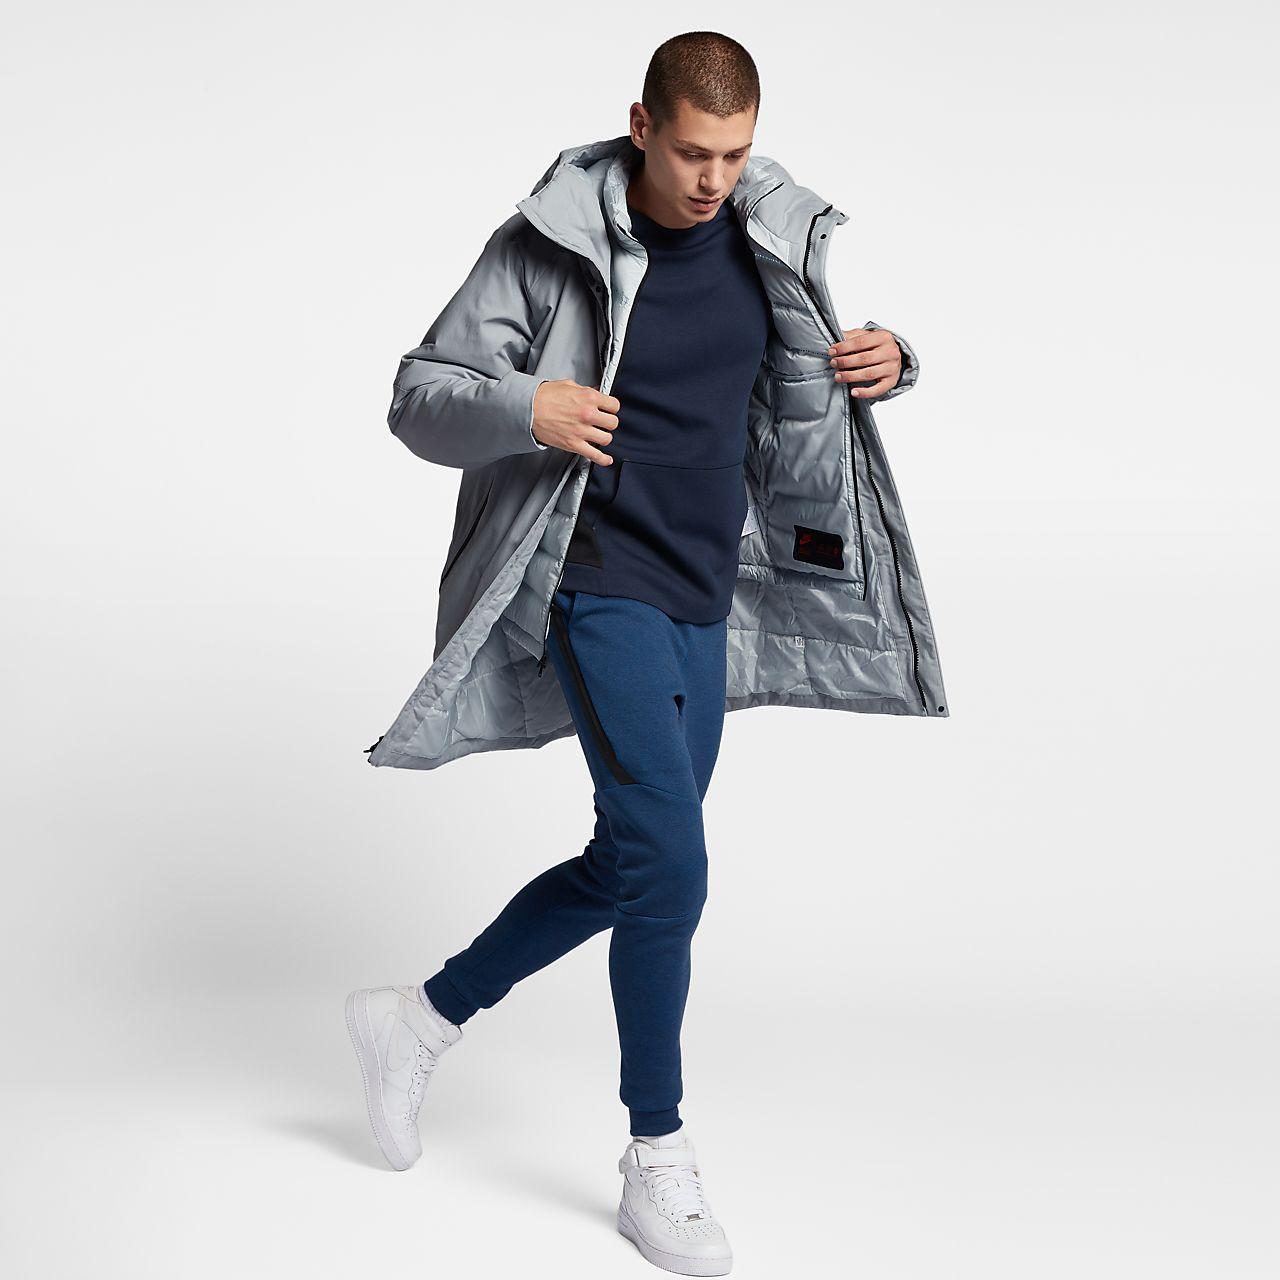 Kurtka męska Nike Sportswear Tech AeroLoft 3 in 1 | Nike